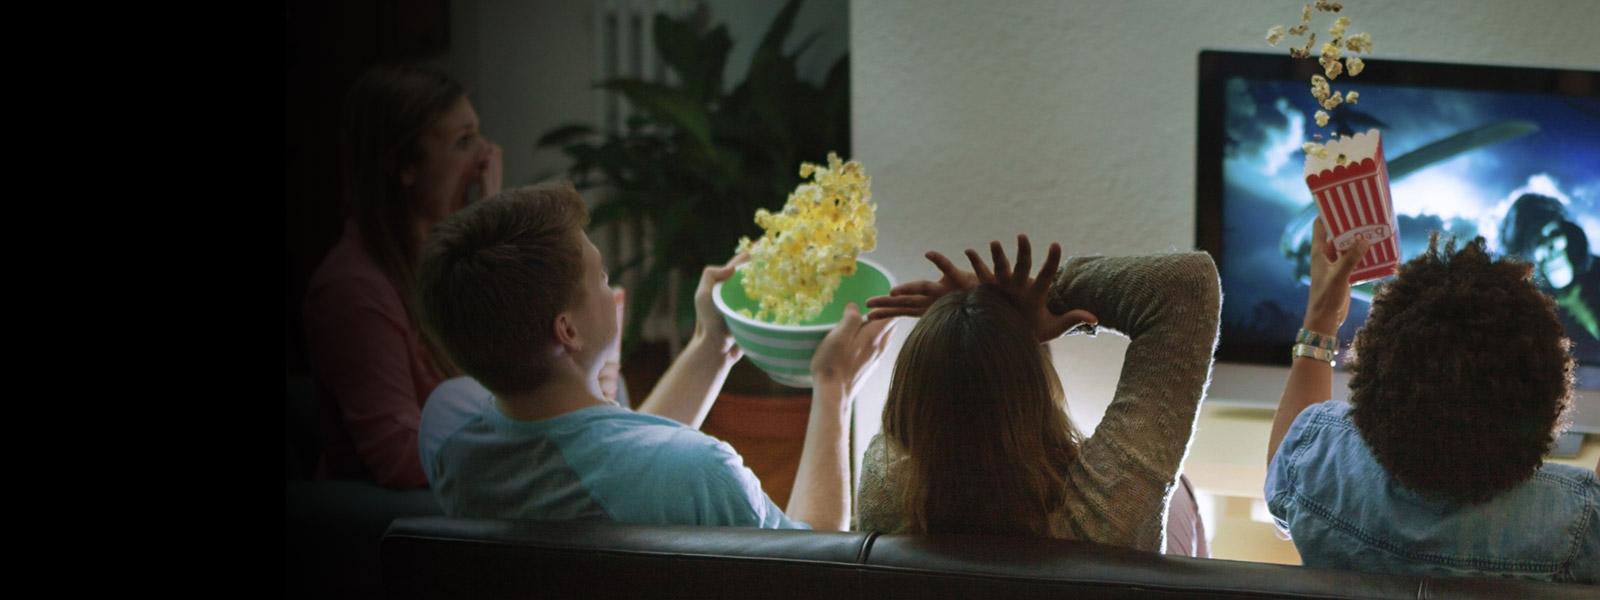 ソファーに座って映画を見る人々